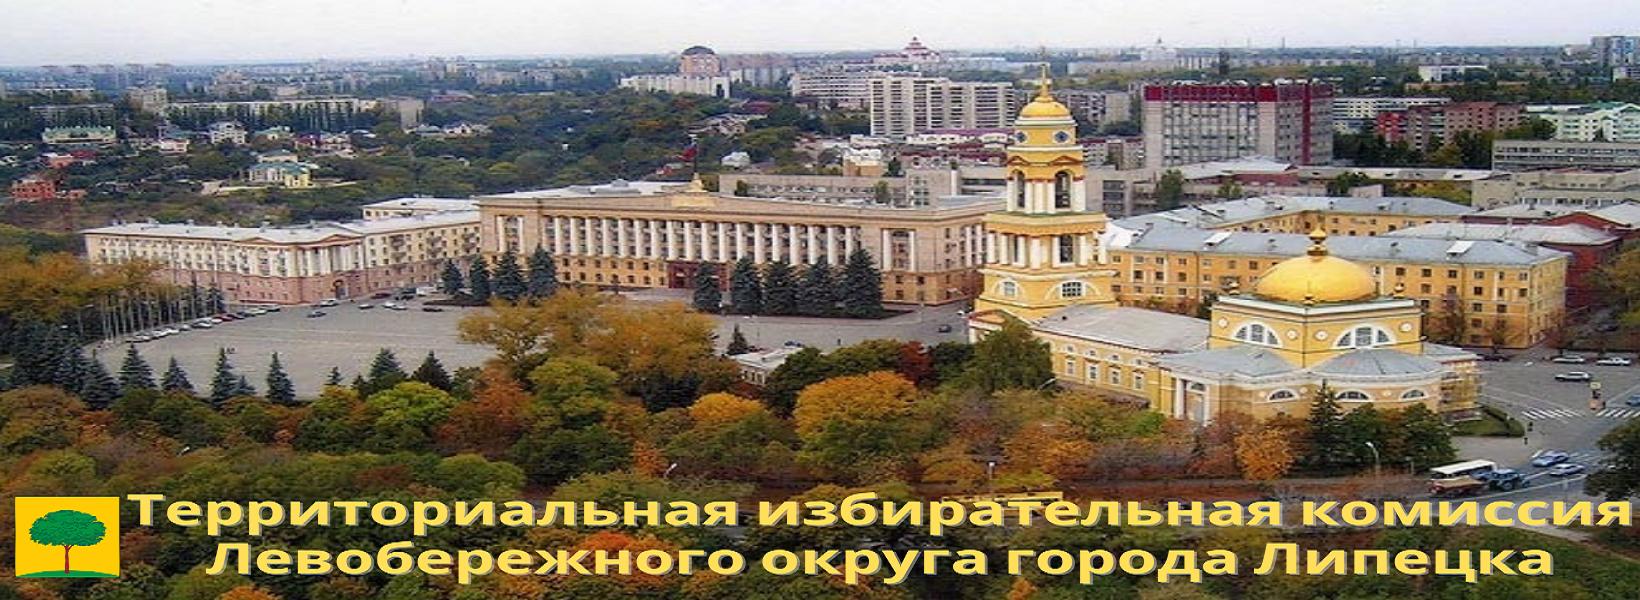 ТИК Левобережного округа